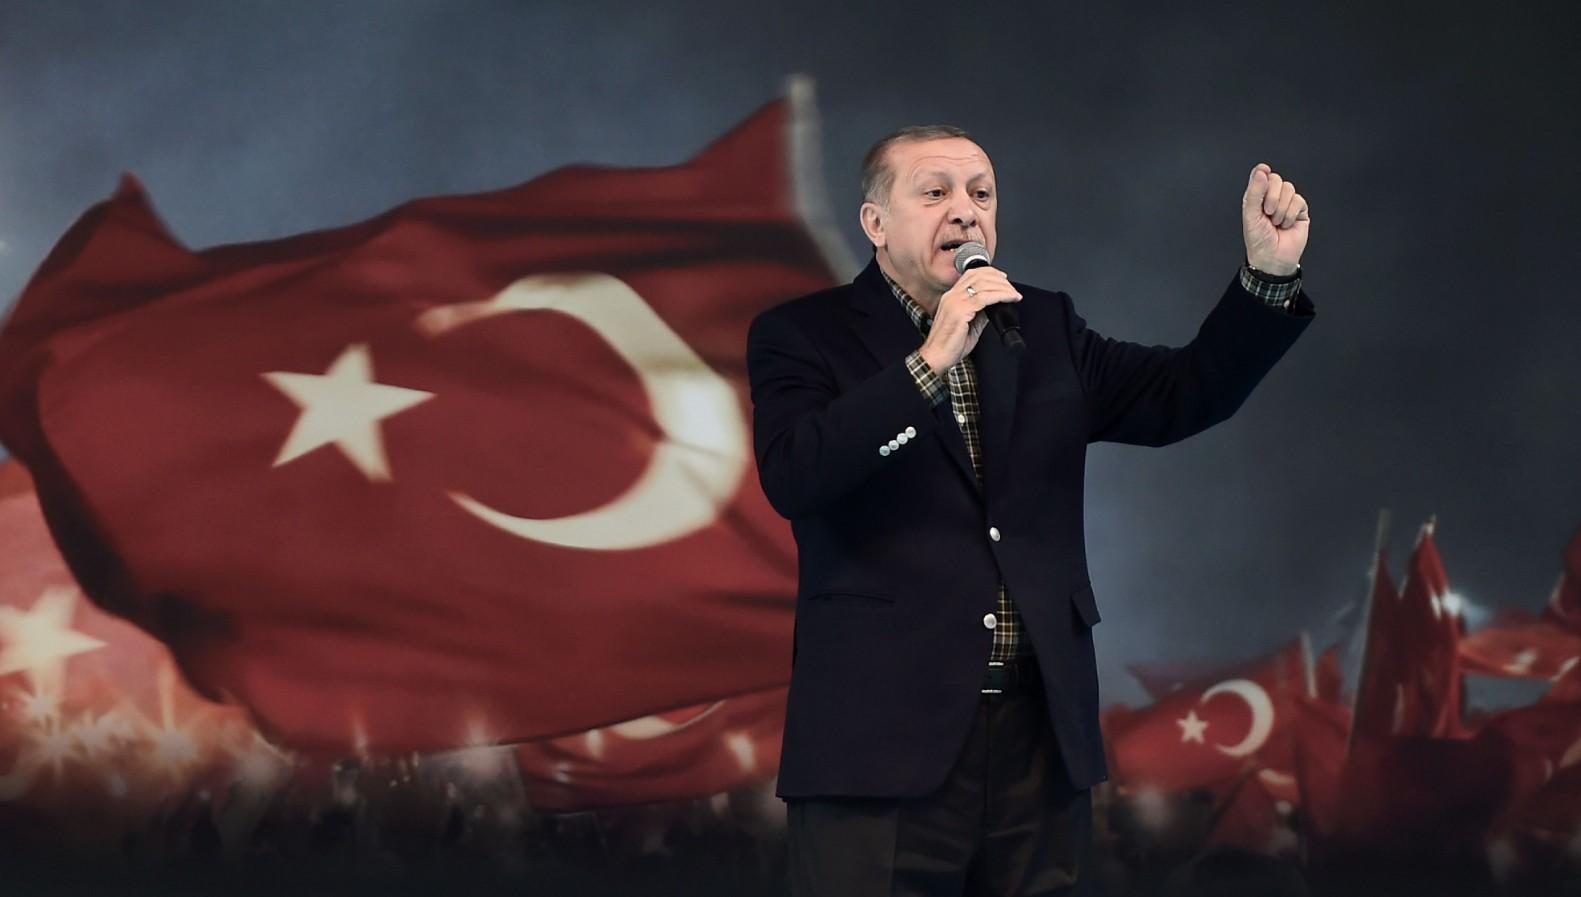 """Σάββας Καλεντερίδης: """"Ο Ερντογάν θέλει να γονατίσει την Ελλάδα.."""" (Vid)"""